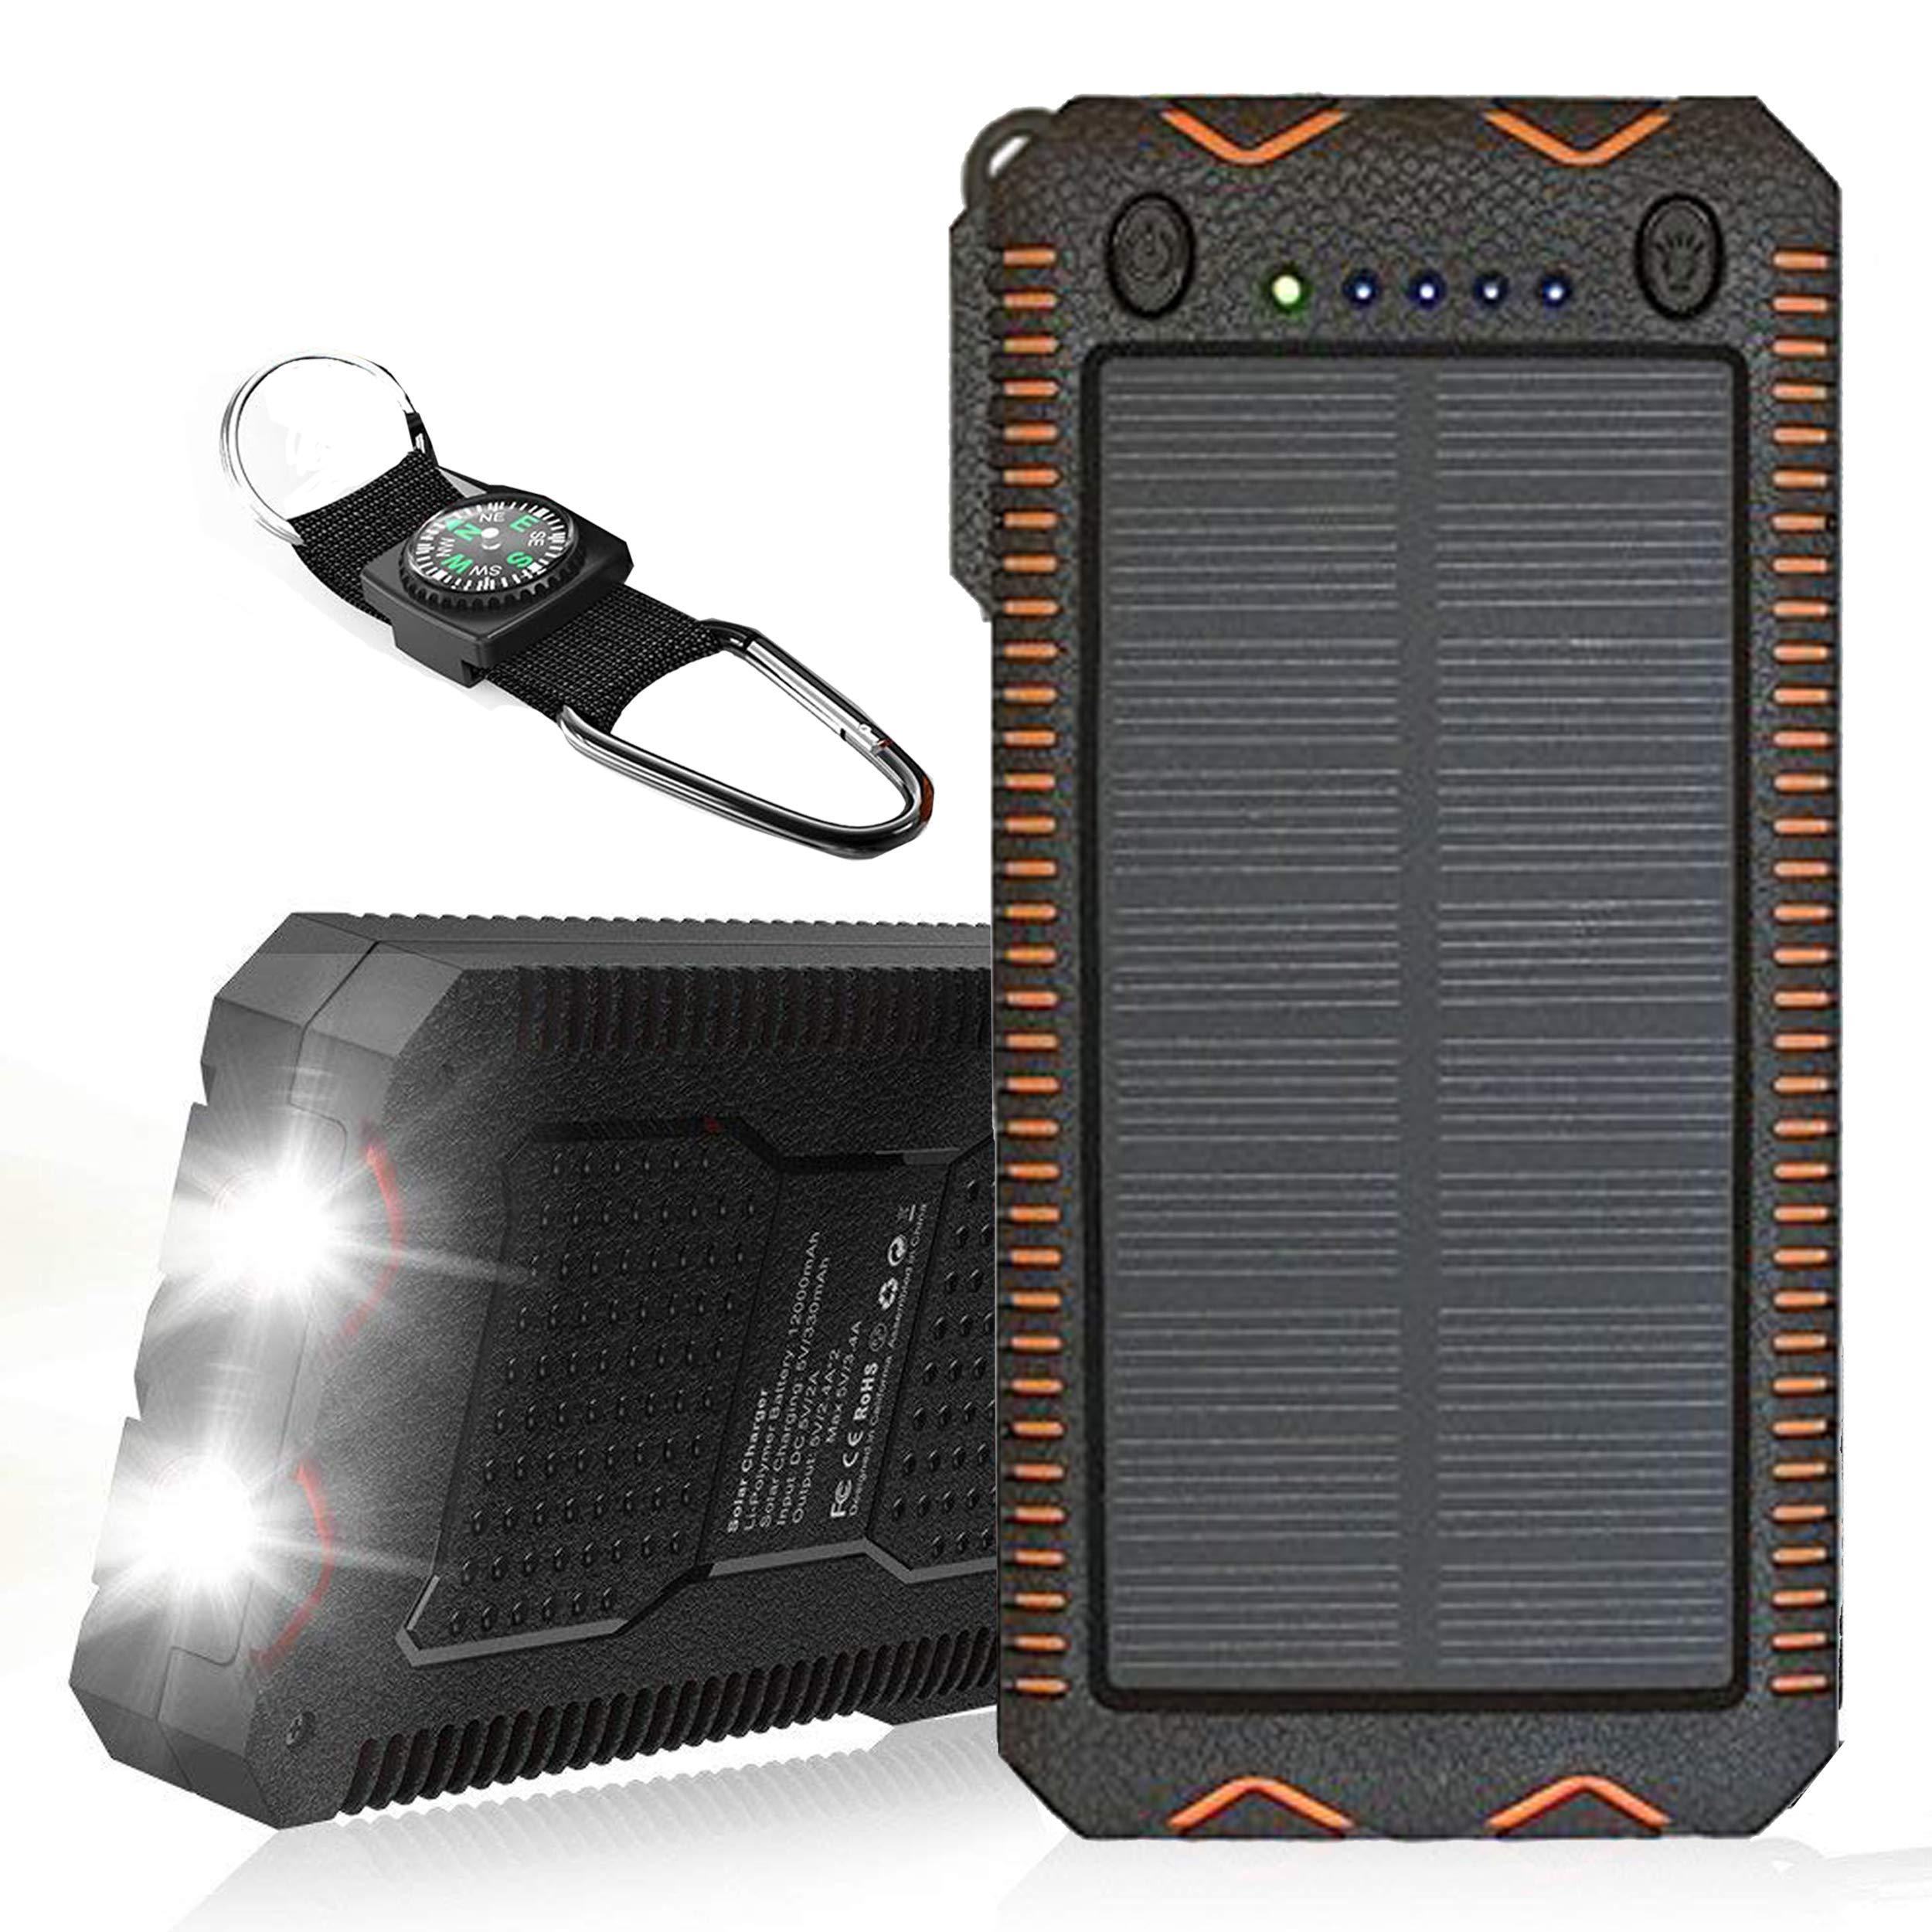 Cargador Solar Portatil con Bateria de 12000mah TRONOE